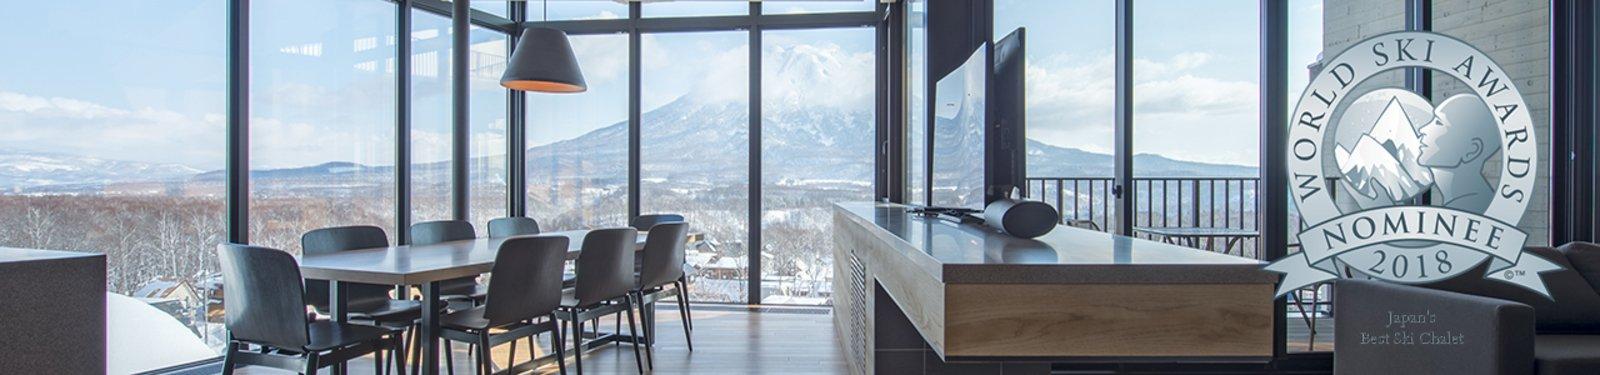 Aspect-niseko-world-ski-awards-top-banner